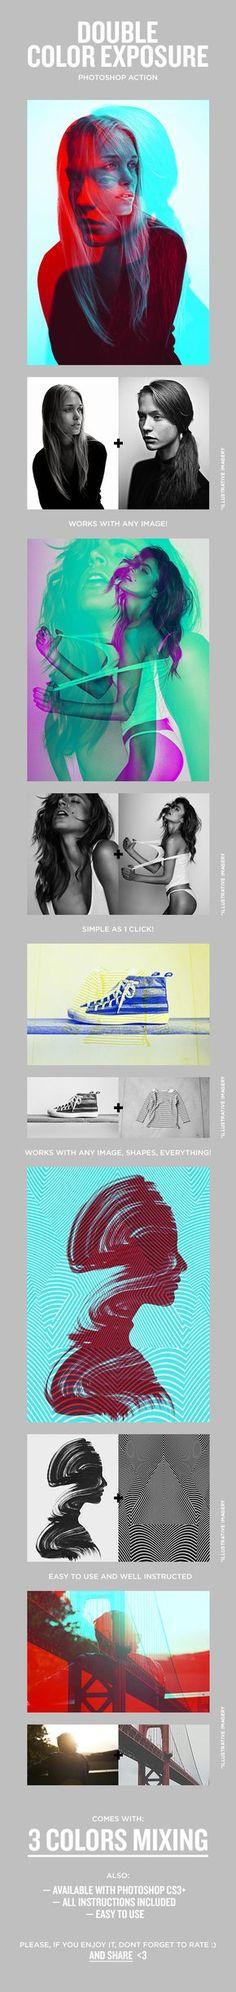 Double Color Exposure Photoshop Action #photoeffect Download: http://graphicriver.net/item/double-color-exposure/11709694?ref=ksioks